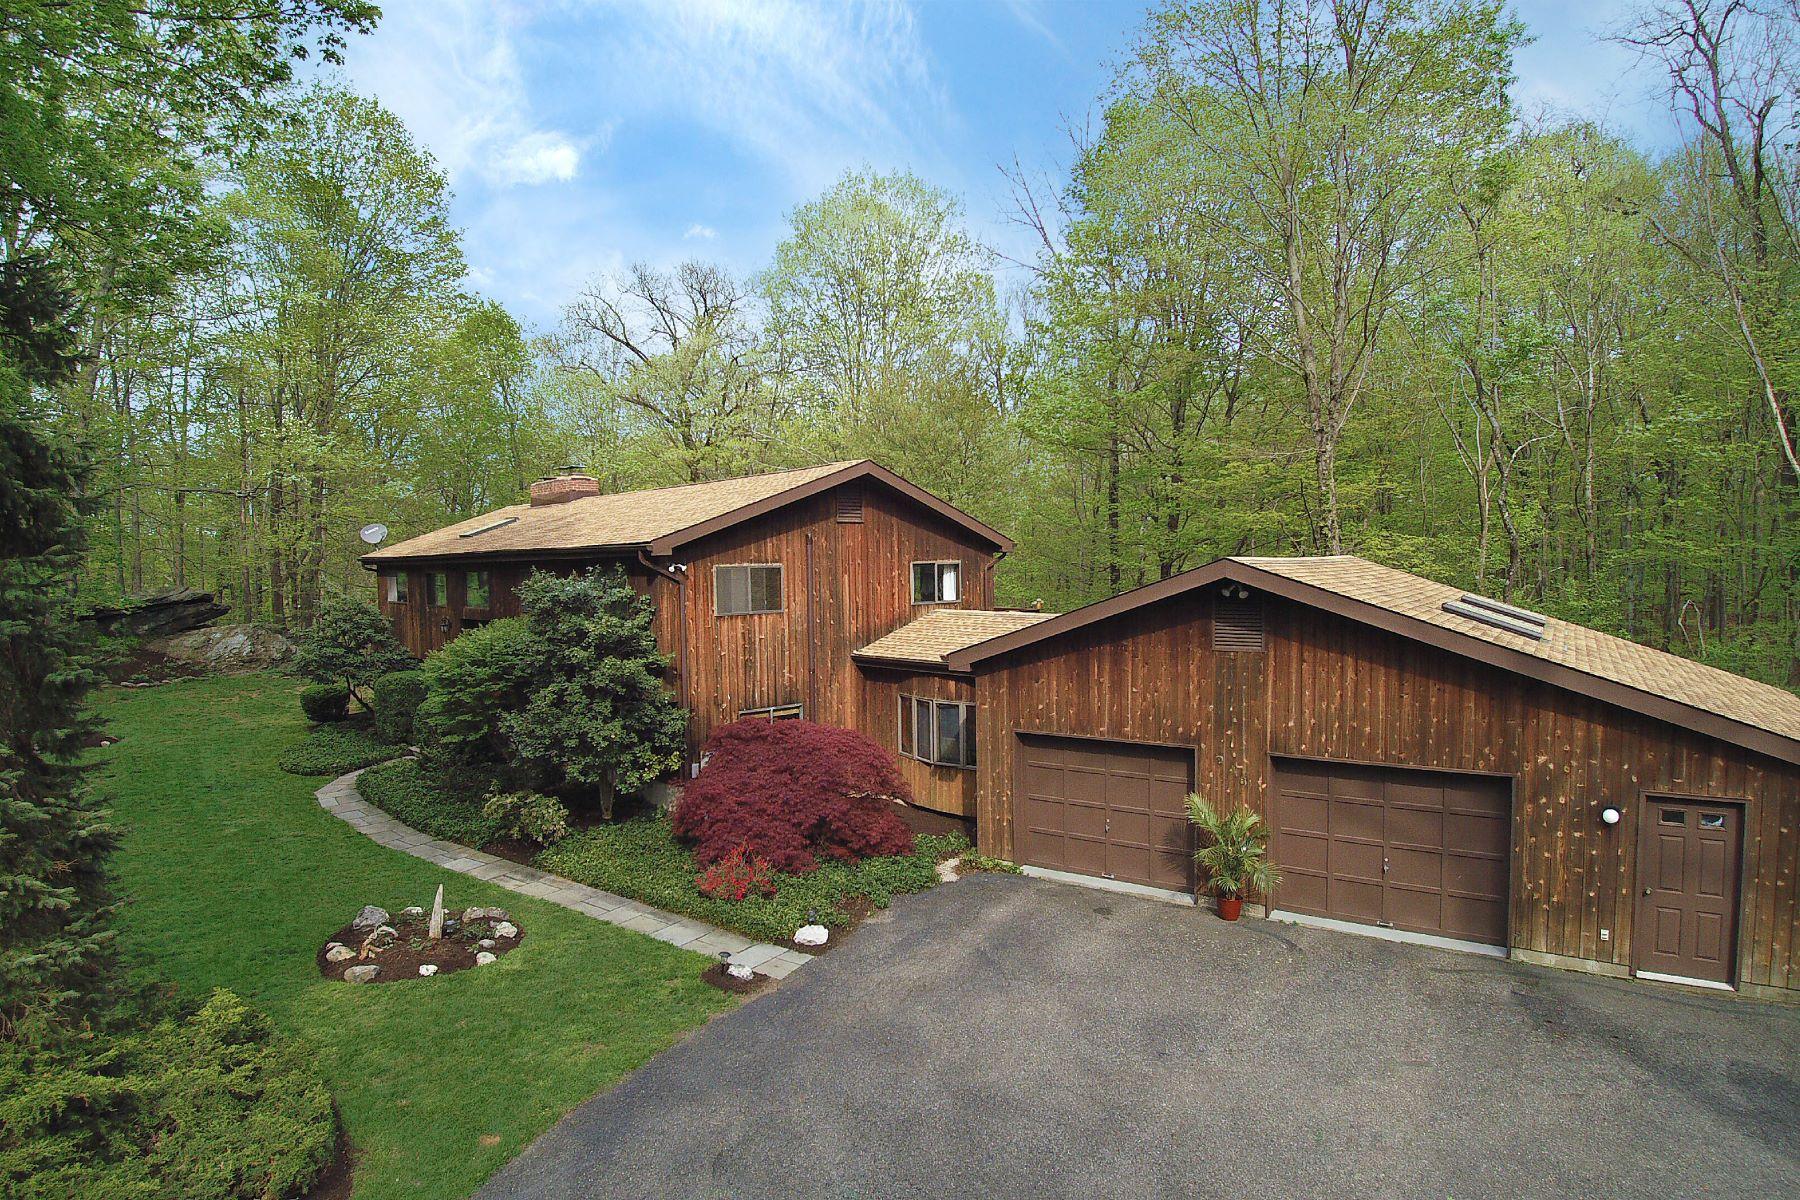 Частный односемейный дом для того Аренда на For Sale, For Rent or Rent to Own 246 Florida Hill Road Ridgefield, Коннектикут, 06877 Соединенные Штаты